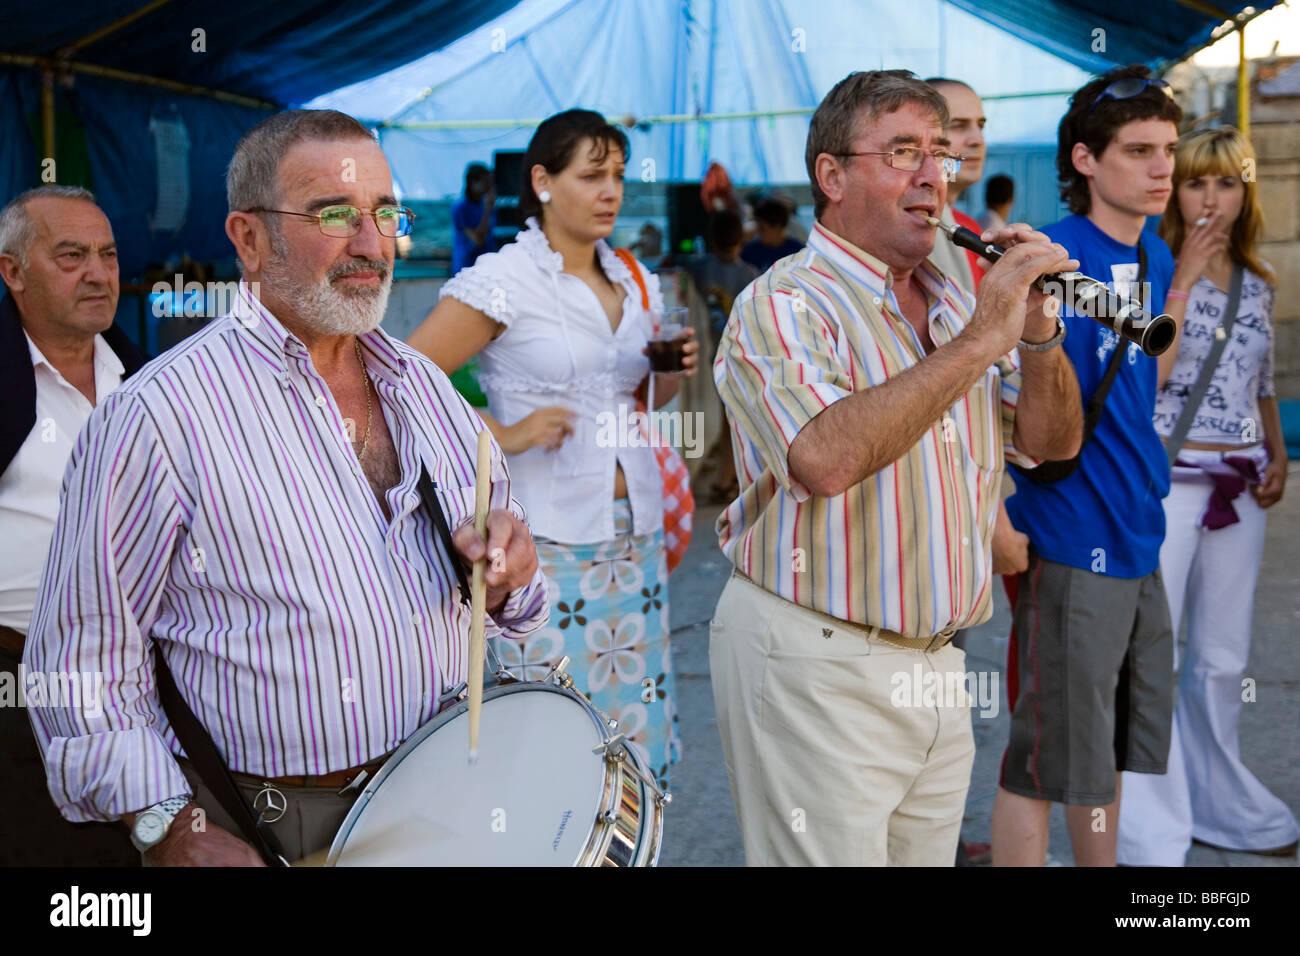 Fiestas de San Roque en Villasante de Montija Burgos Castilla y León España Foto de stock